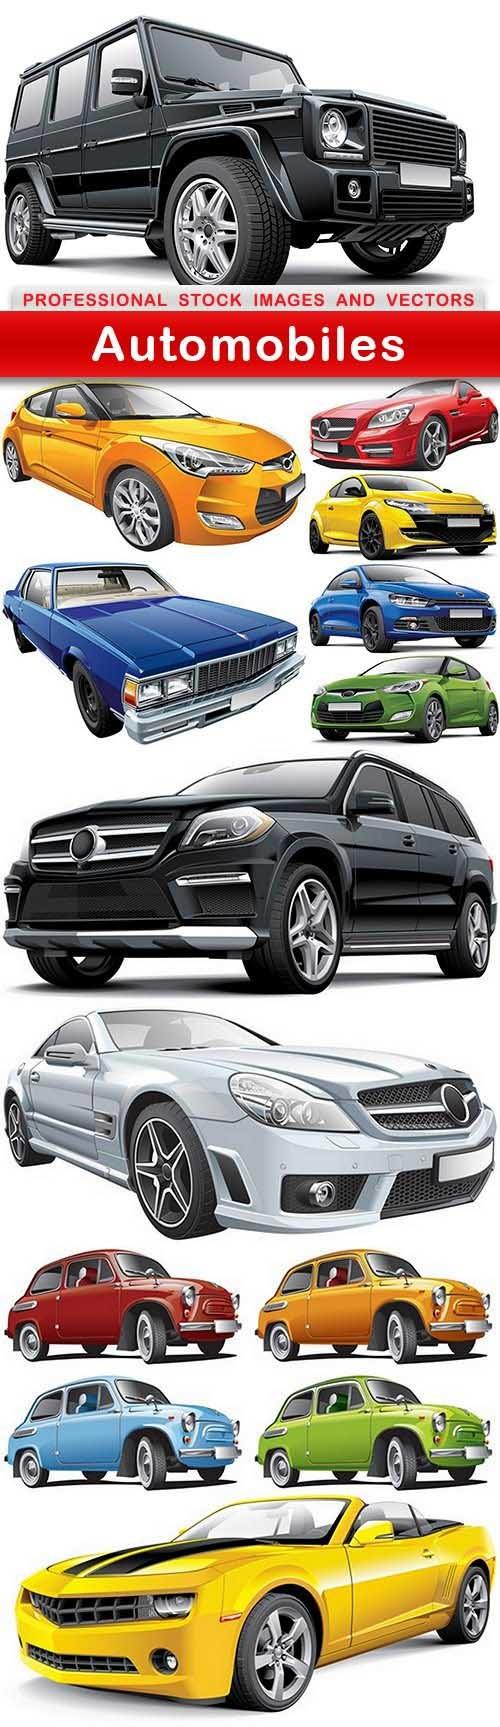 Automobiles Vector